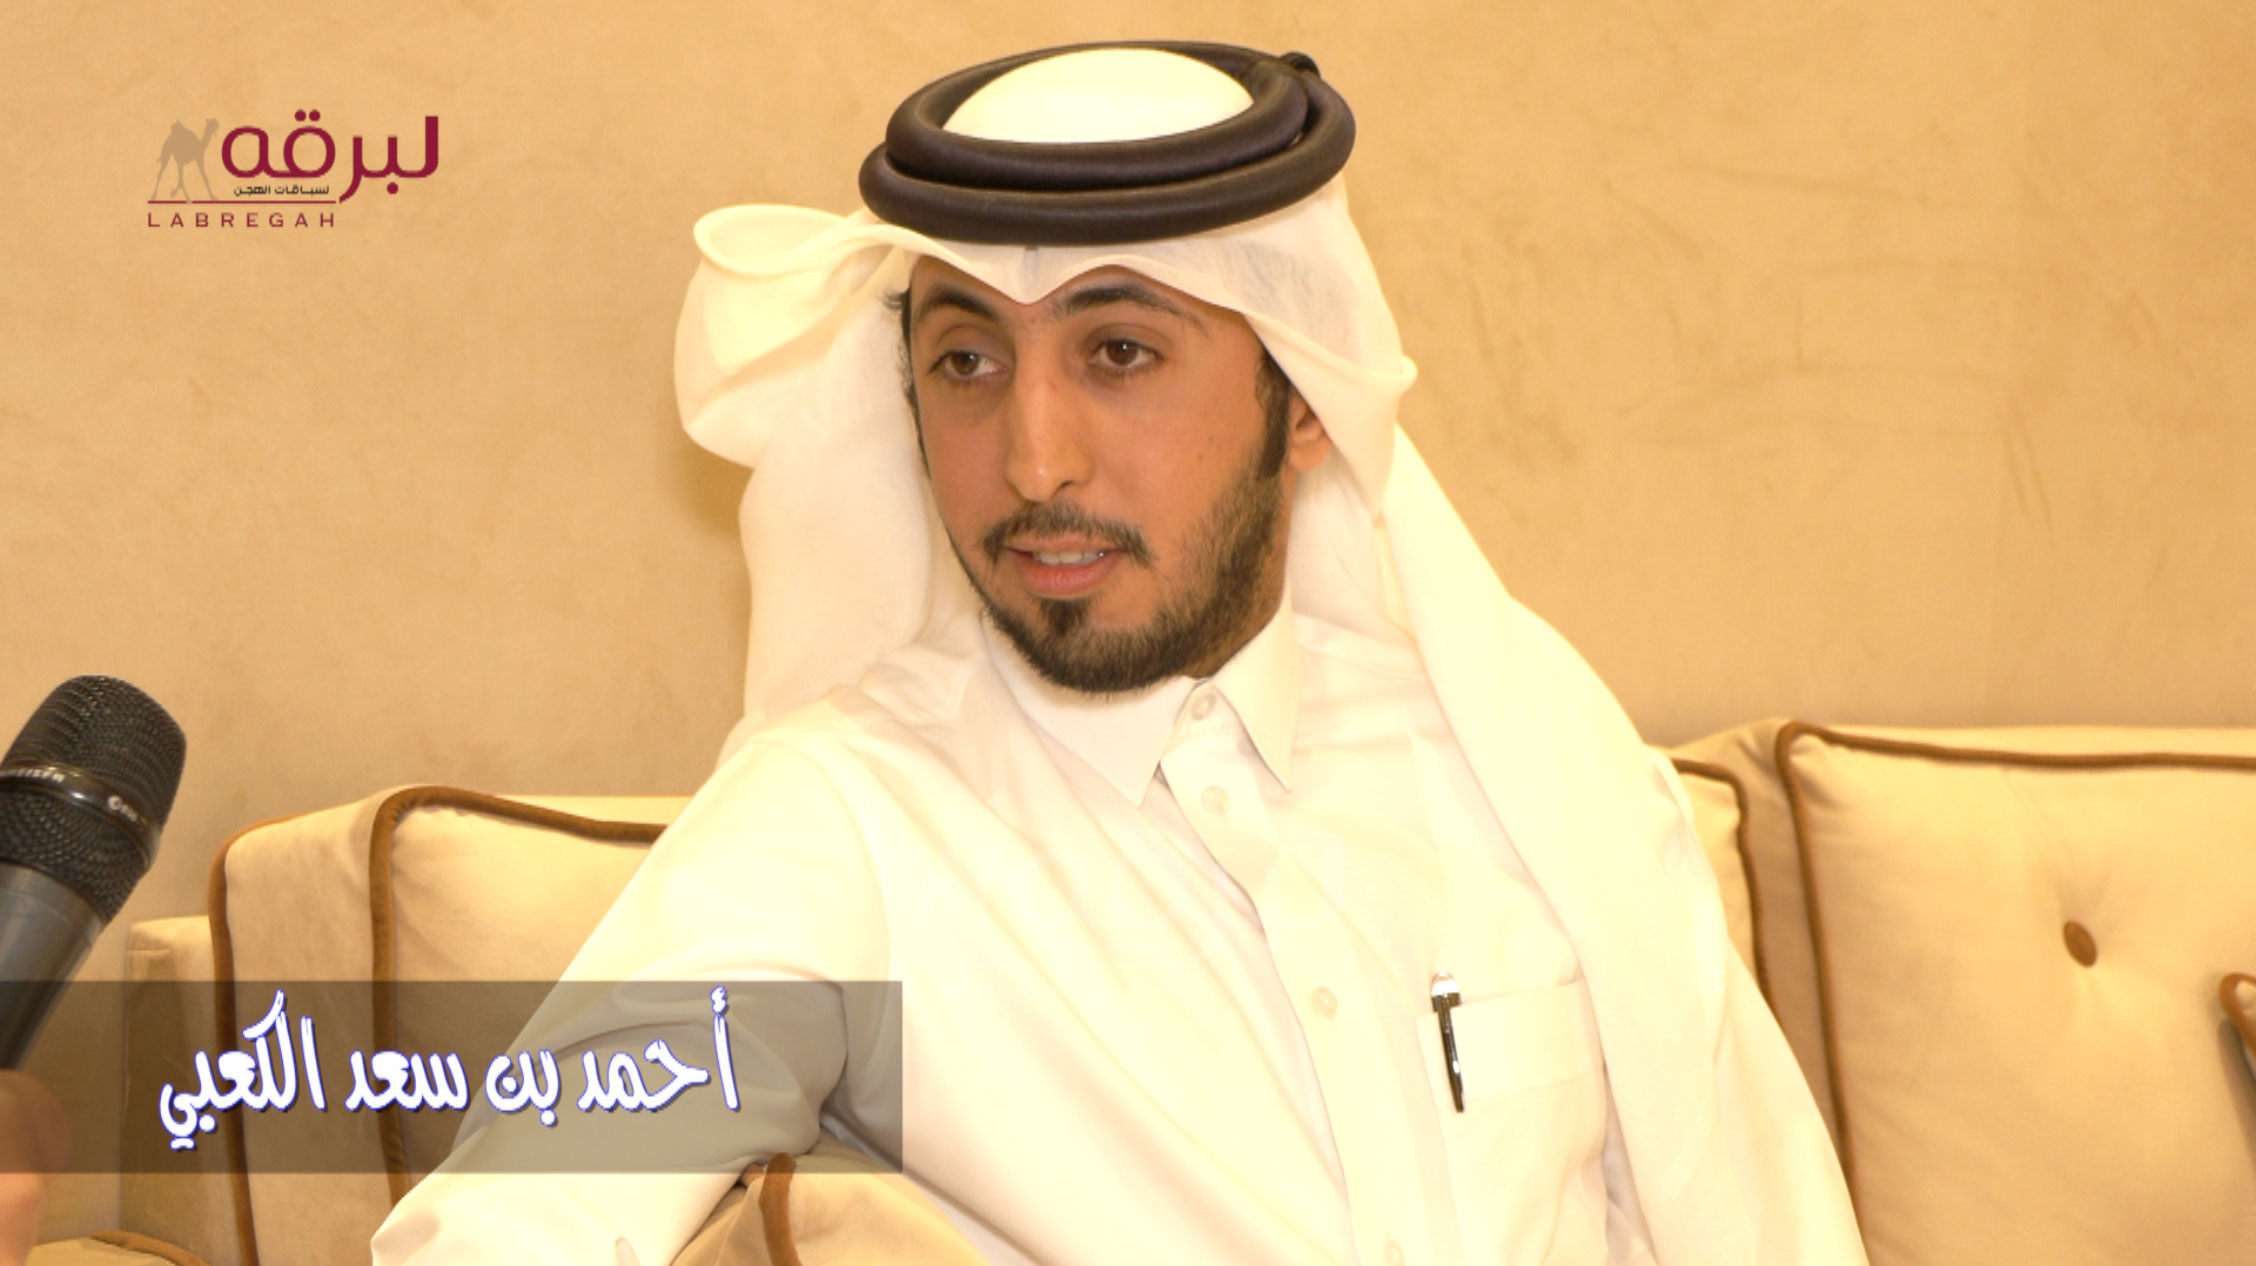 لقاء مع أحمد بن سعد الكعبي.. مالك « لهب » الحائز علي التوقيت الأفضل للحيل والزمول بالمحلي الأول ١٢-٩-٢٠٢١